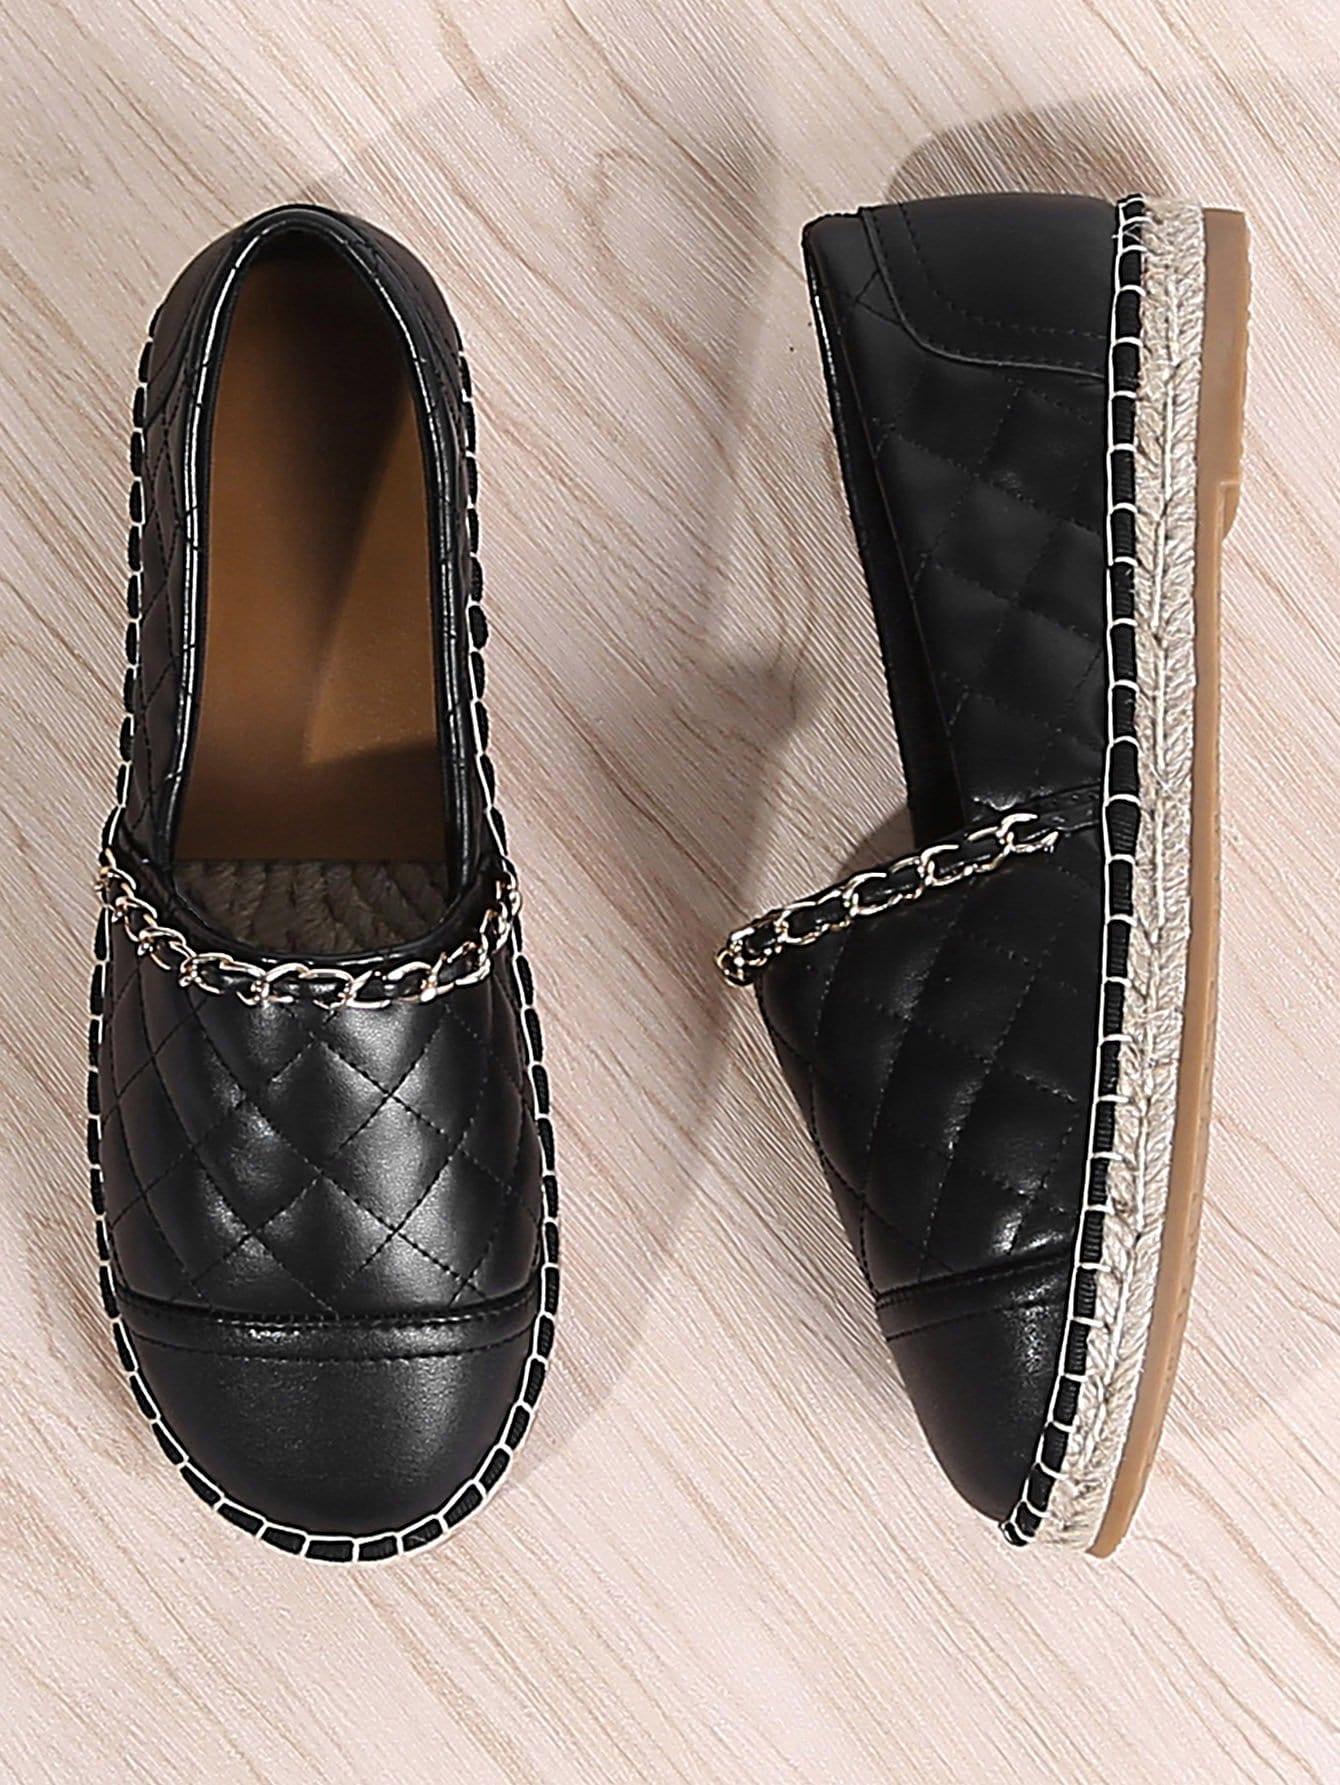 Купить Туфли на плоской подошве с украшением цвета и цепи, null, SheIn